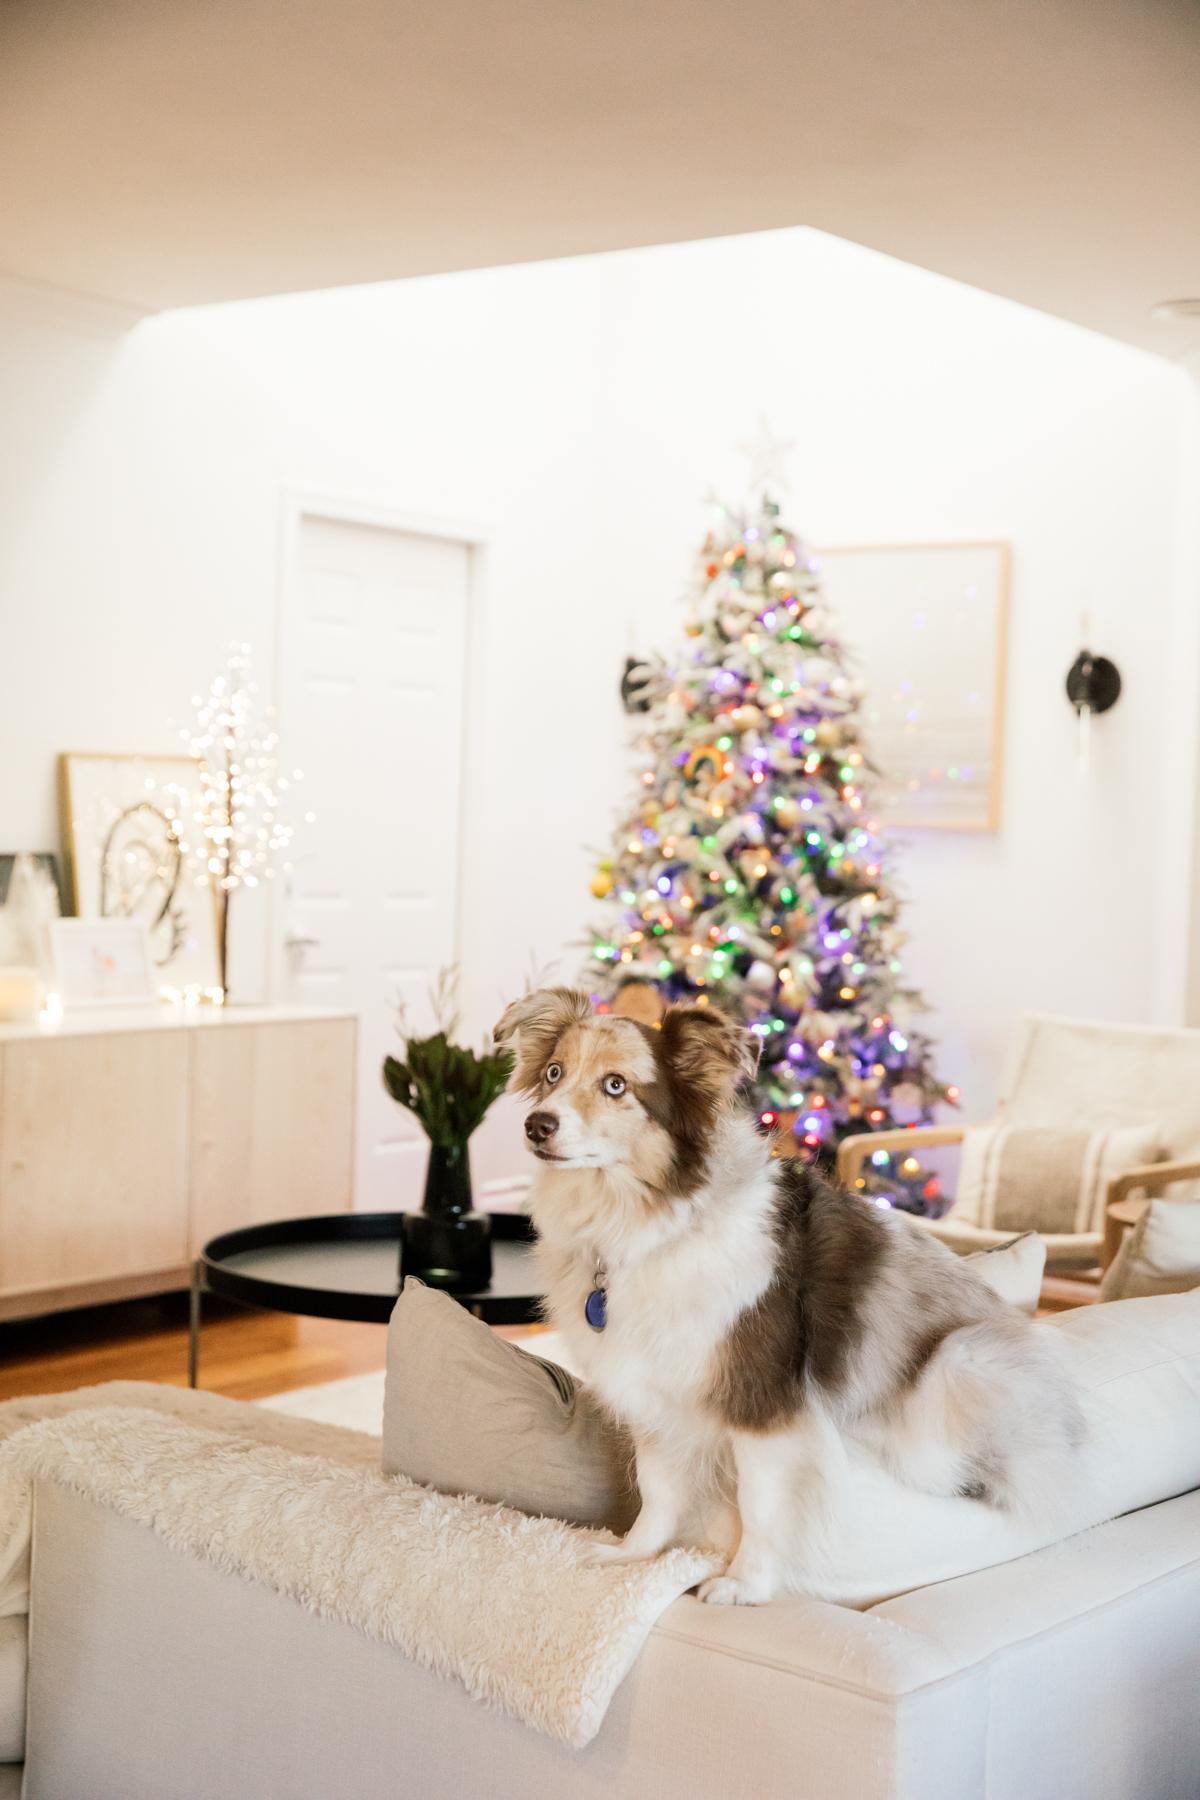 Indoor Holiday decor of Christmas Tree with Mini Australian Shepherd Dog